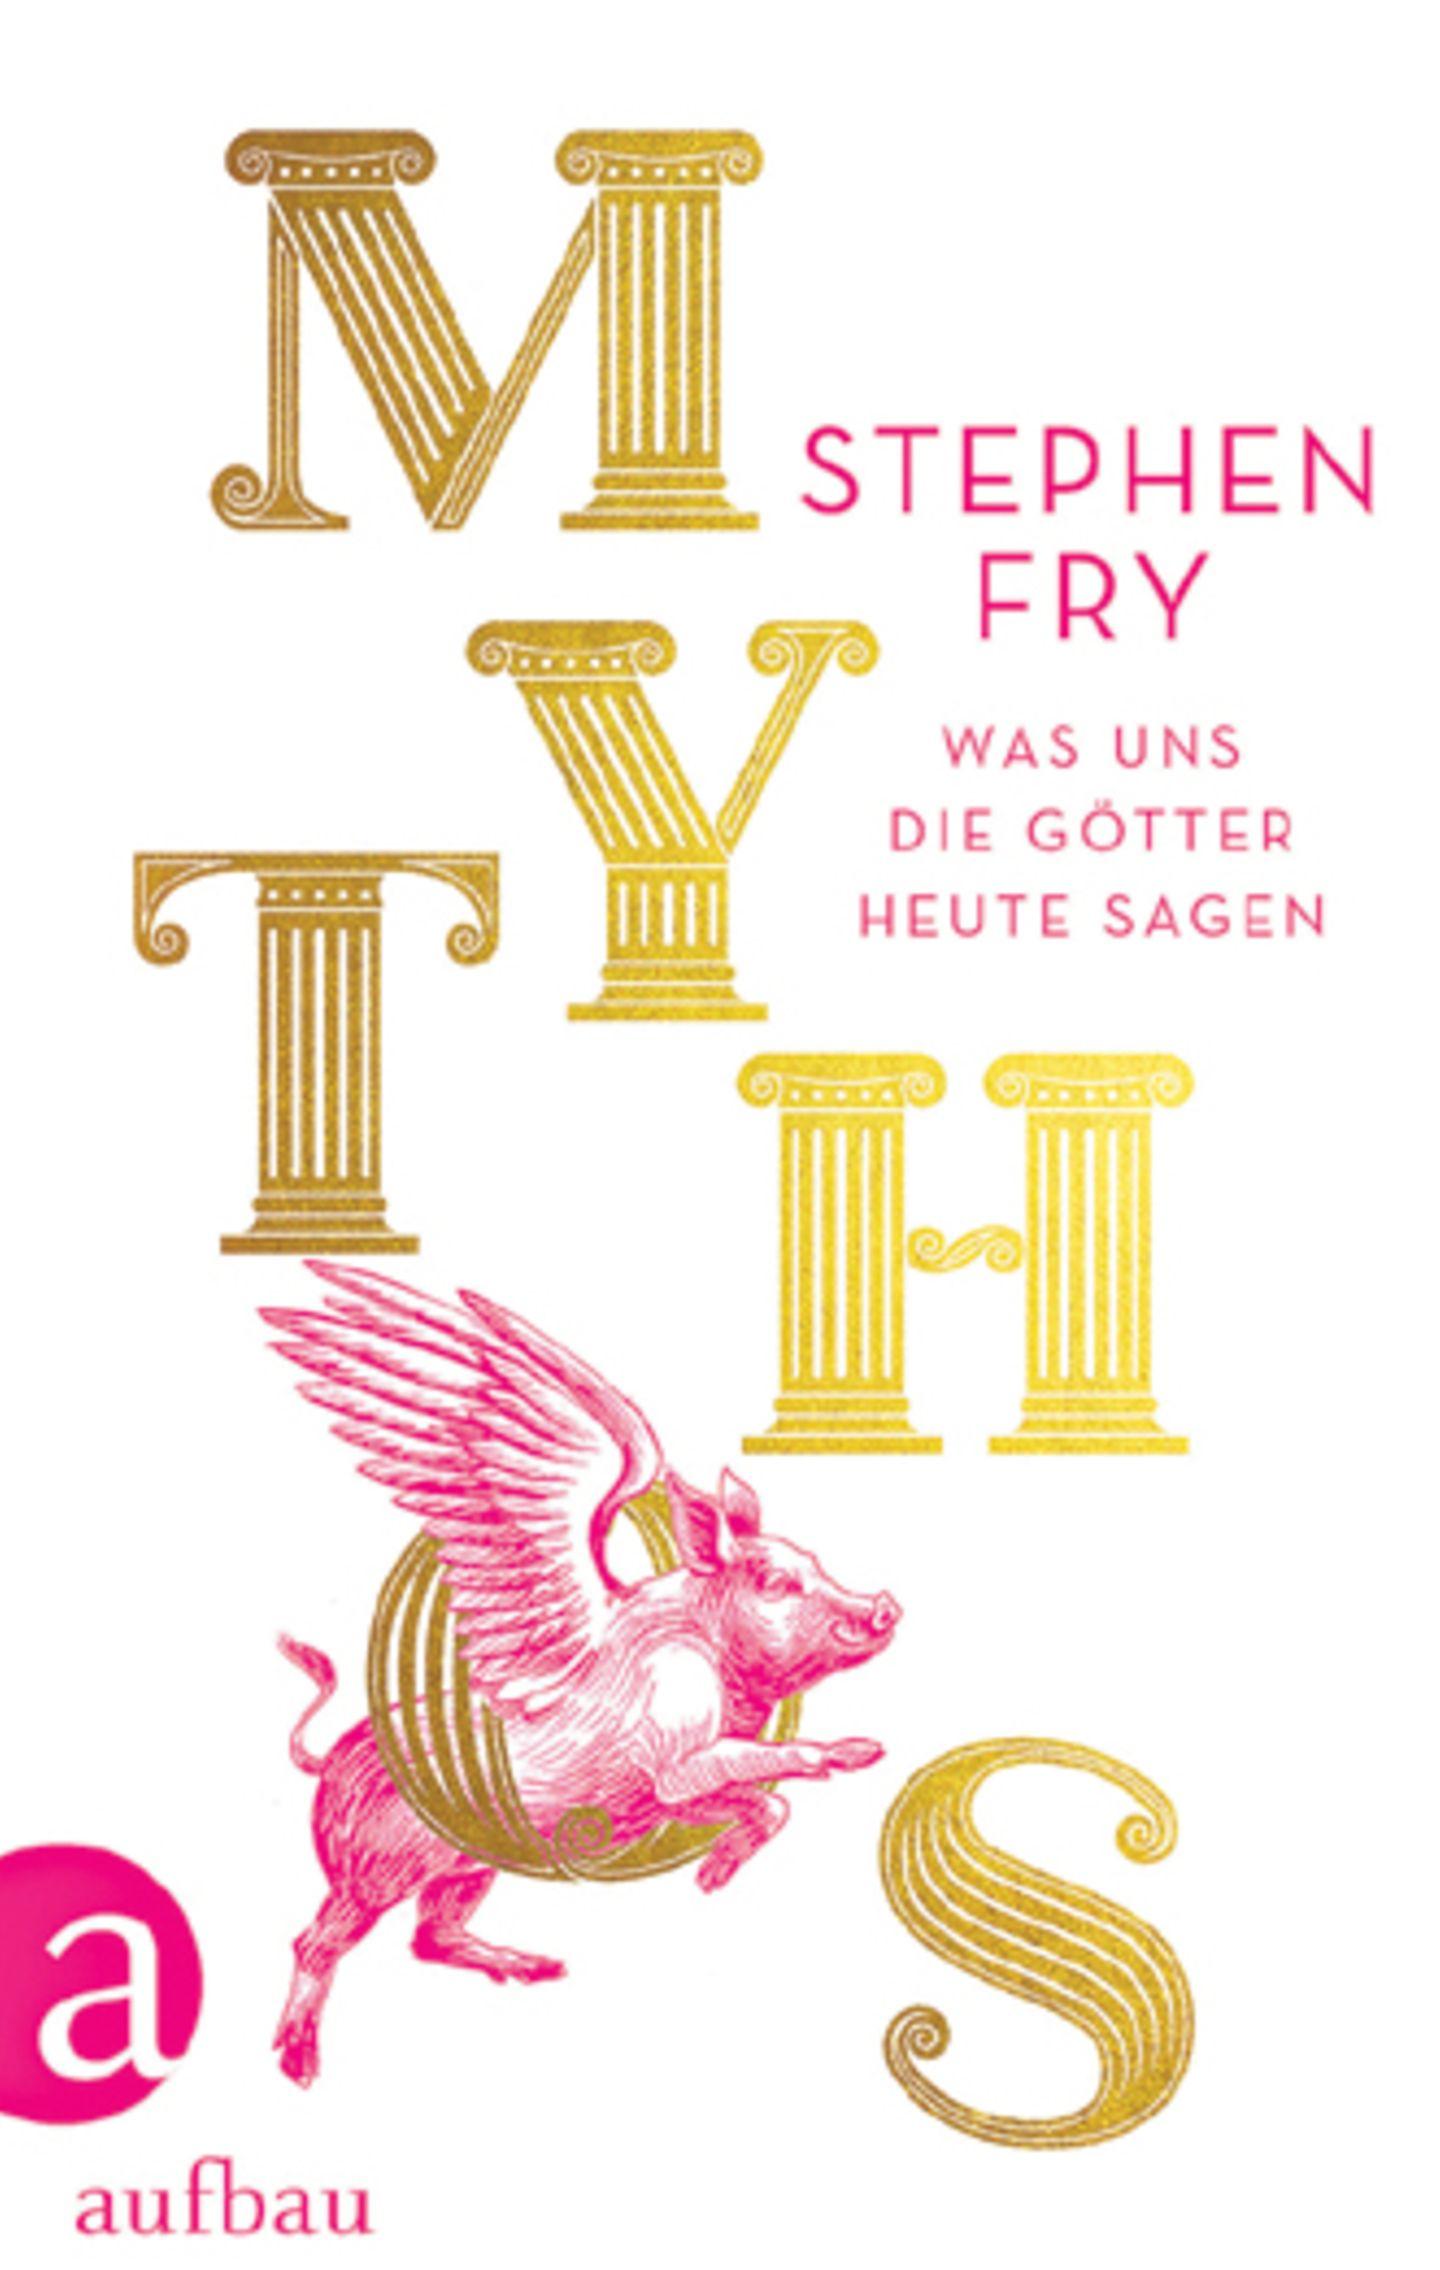 Literaturempfehlung: Mythos